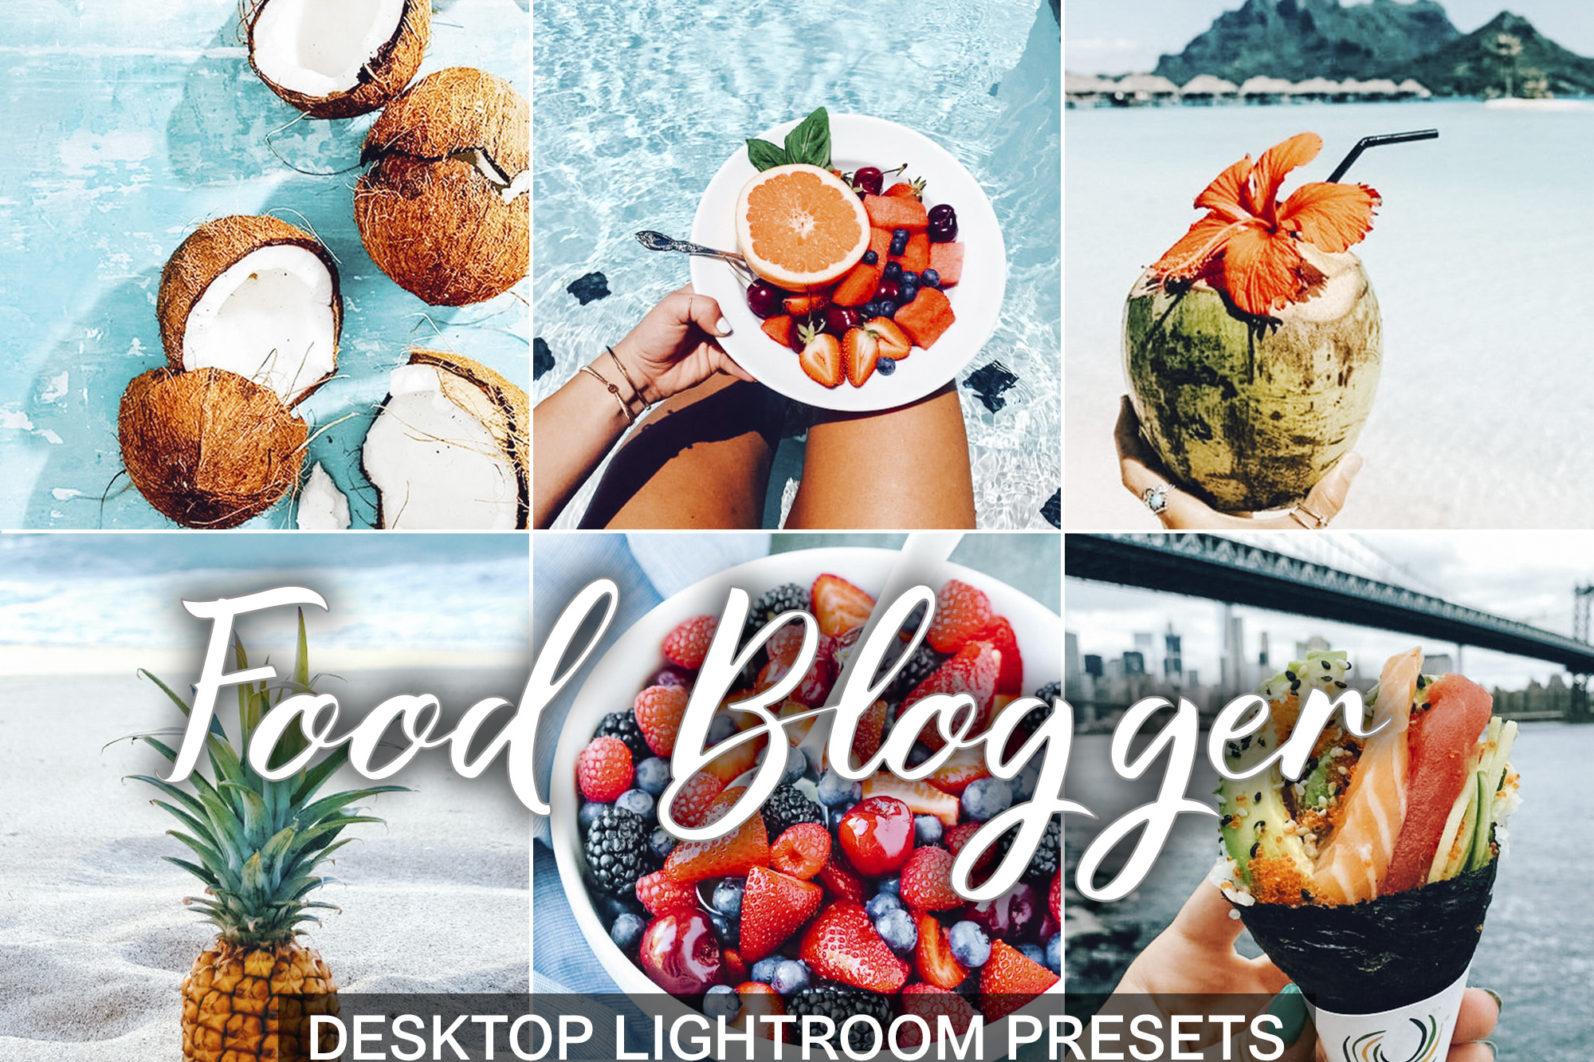 10 Mobile Presets FOOD BLOGGER - desktop lightroom presets cover product Food Blogger -